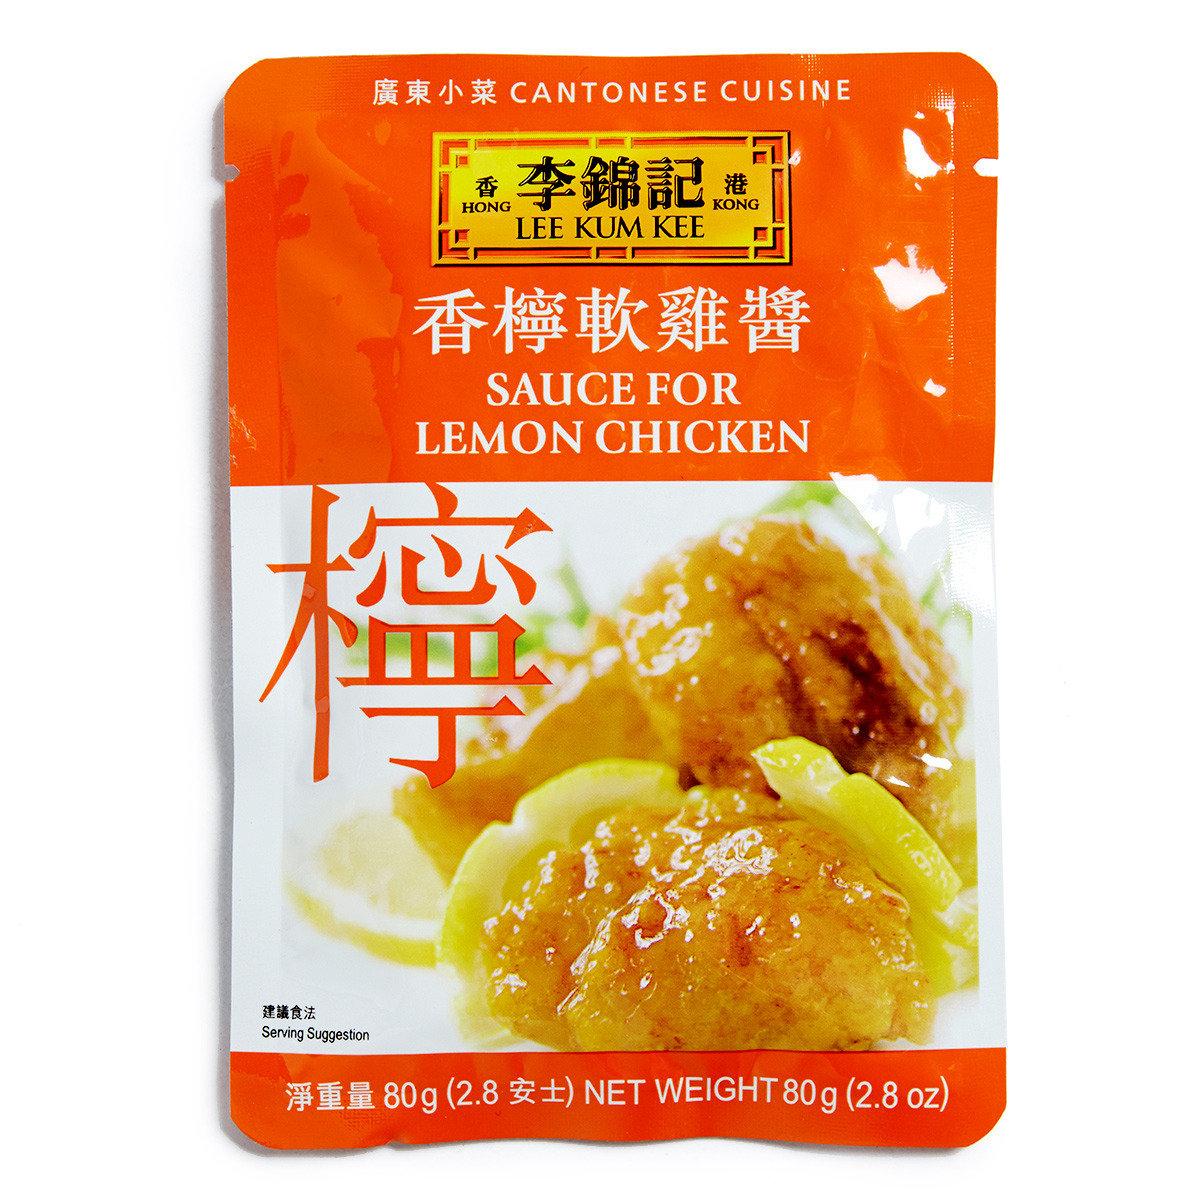 香檸軟雞醬